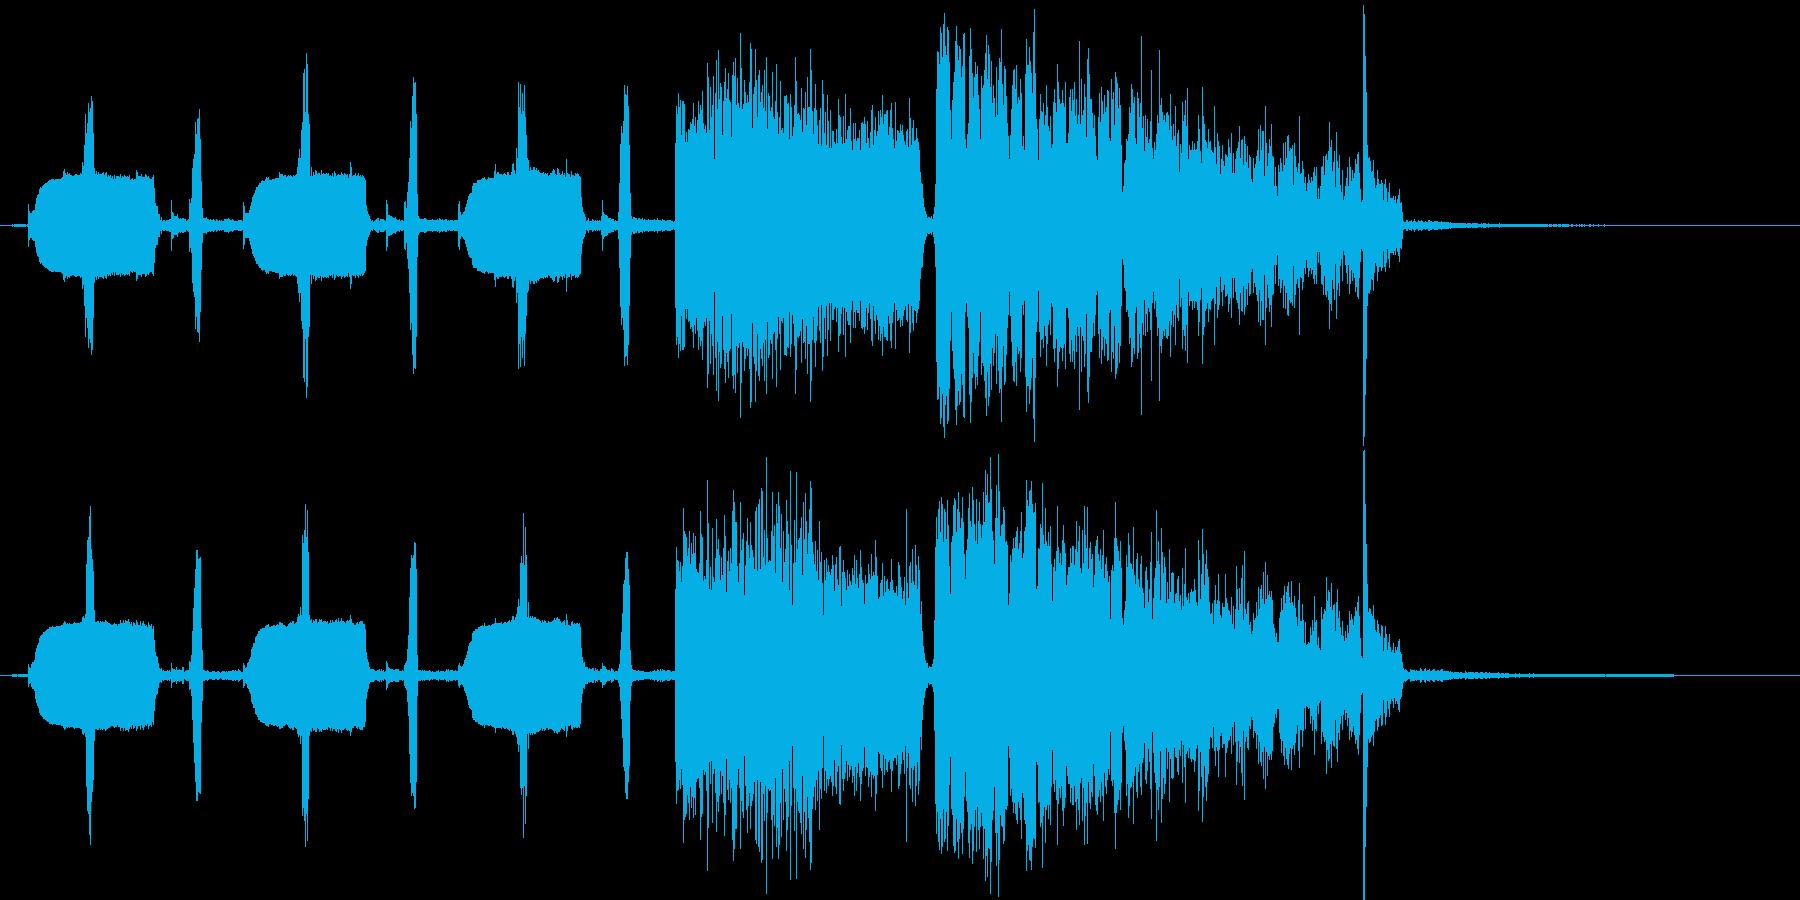 ユニークであり軽快なテクノの再生済みの波形